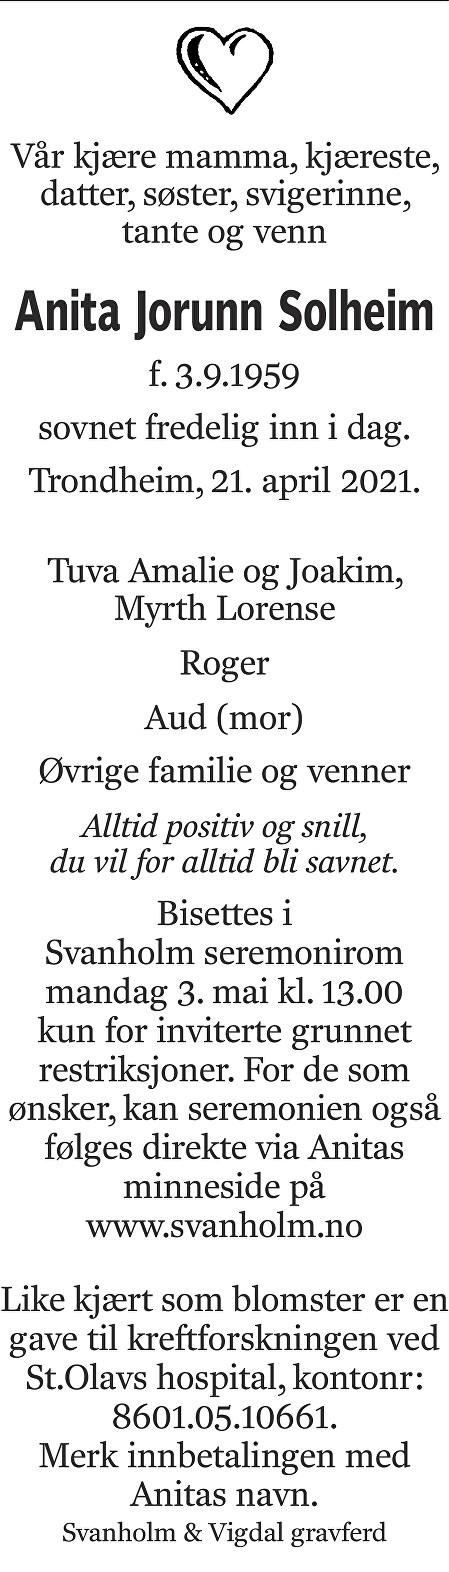 Anita Jorunn Solheim Dødsannonse